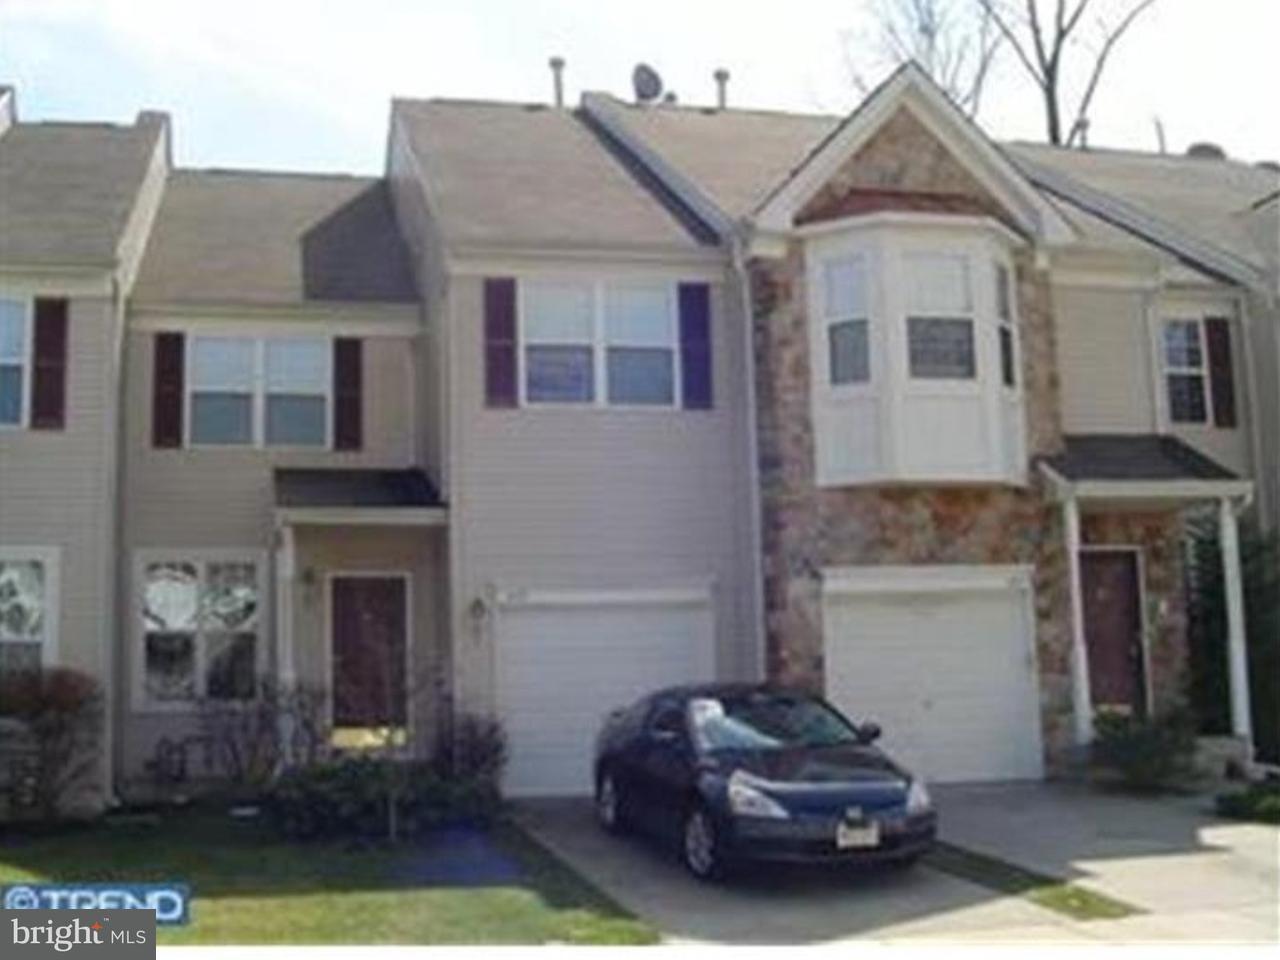 联栋屋 为 销售 在 169 PENNSBURY Lane Deptford Township, 新泽西州 08096 美国